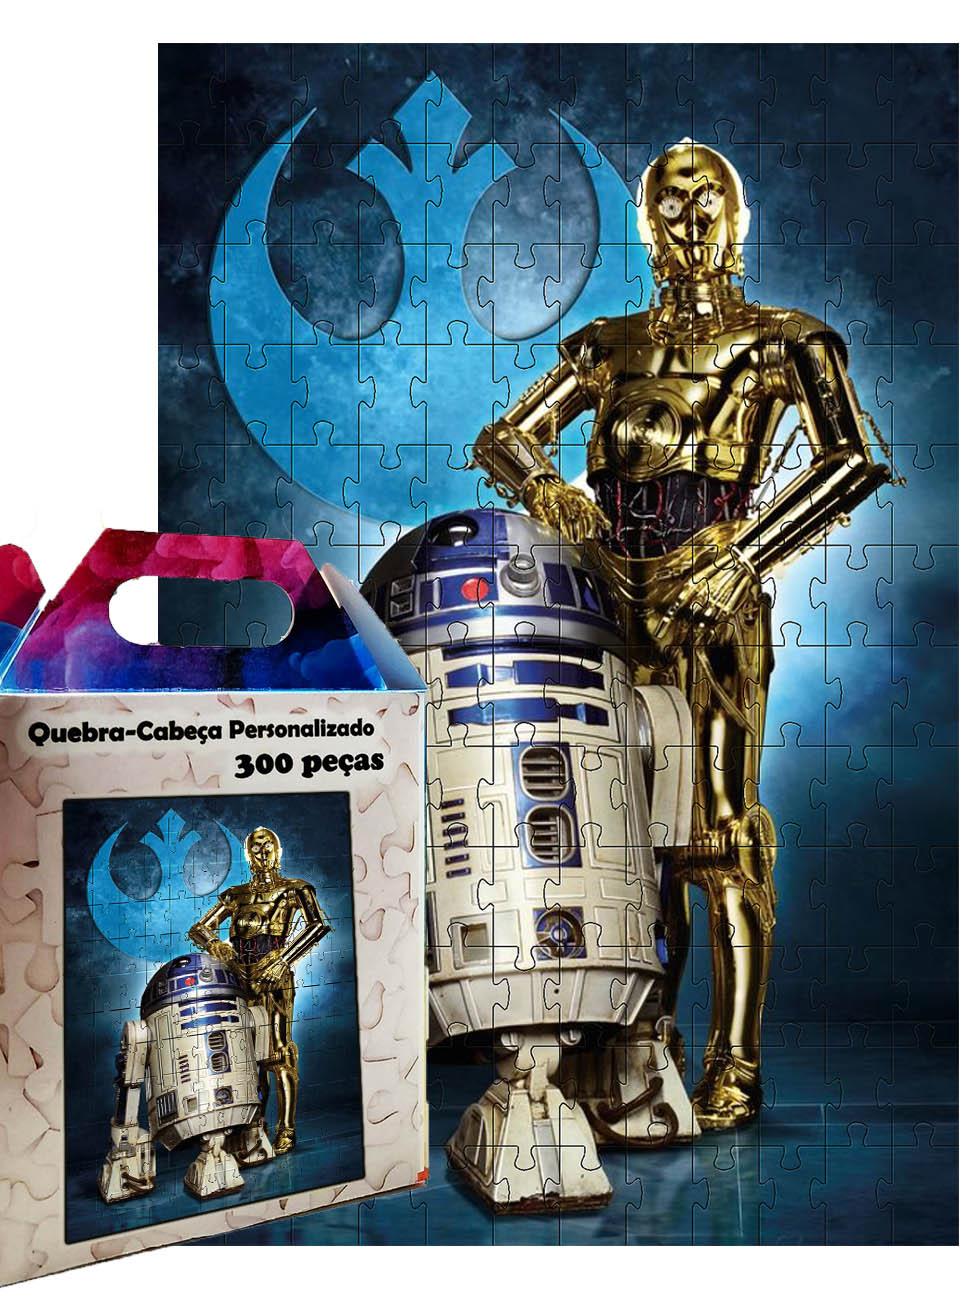 Quebra-Cabeça Puzzle Star Wars R2D2 e C3PO de 300 peças